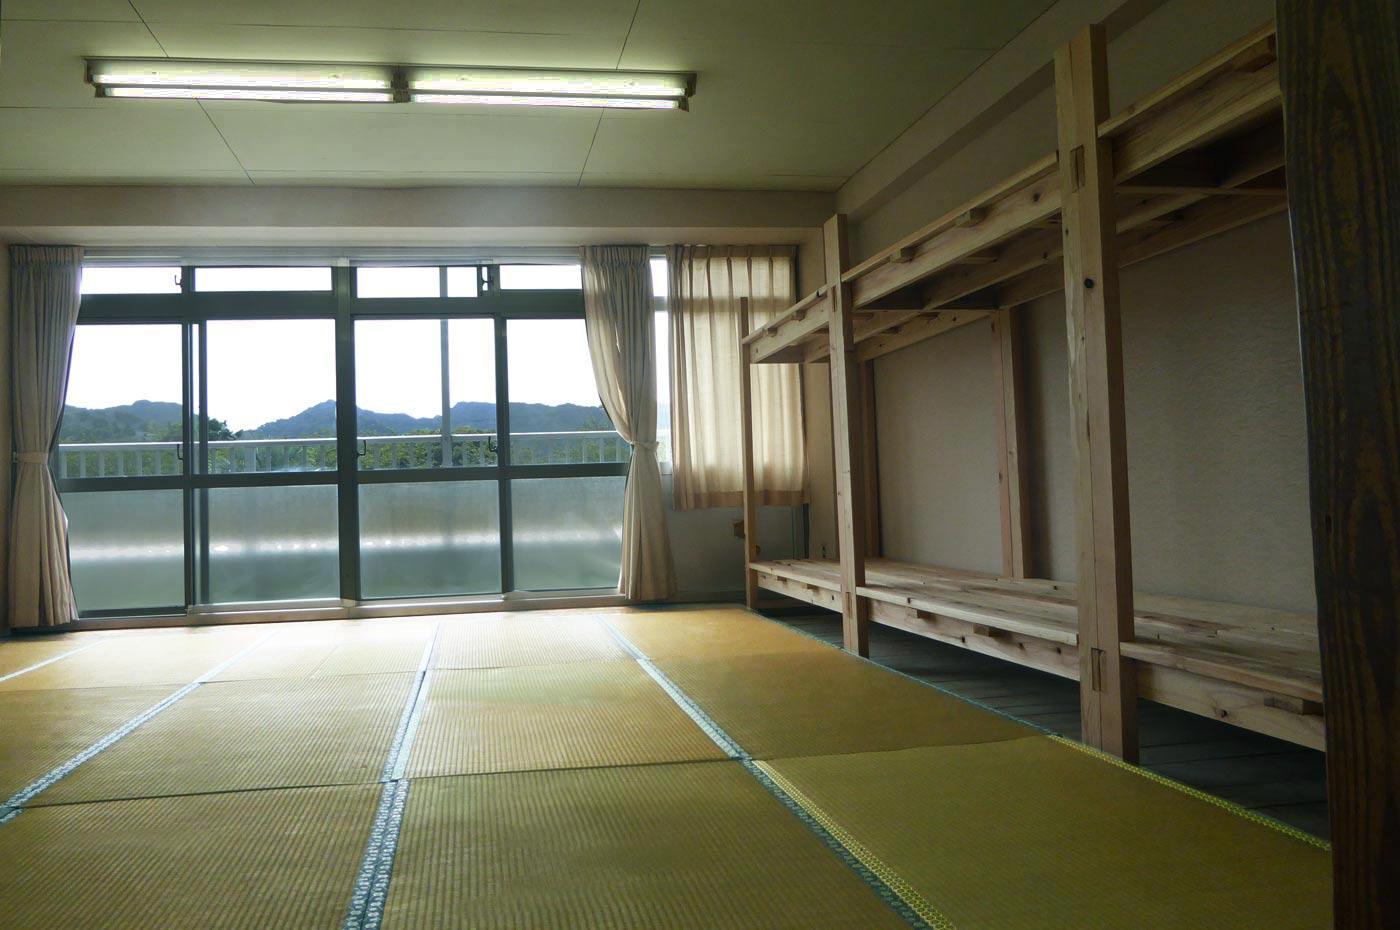 館山シーサイドビレッジの宿泊部屋